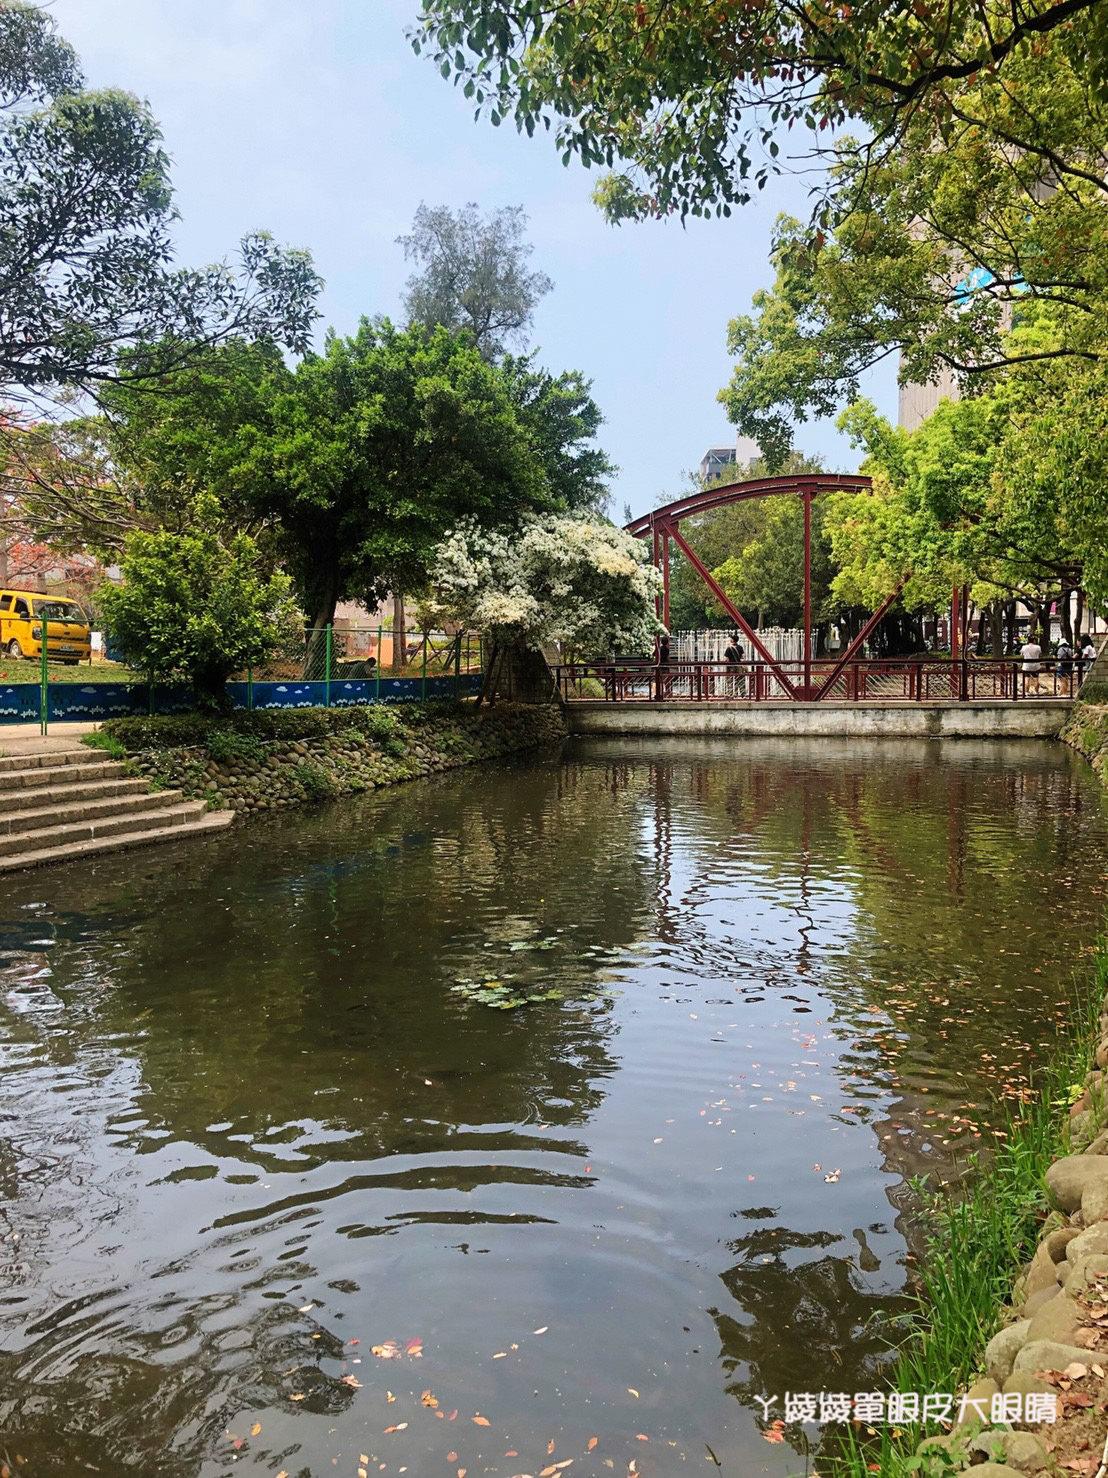 新竹下起四月雪,護城河畔的小橋、流水與流蘇花形成一幅美畫